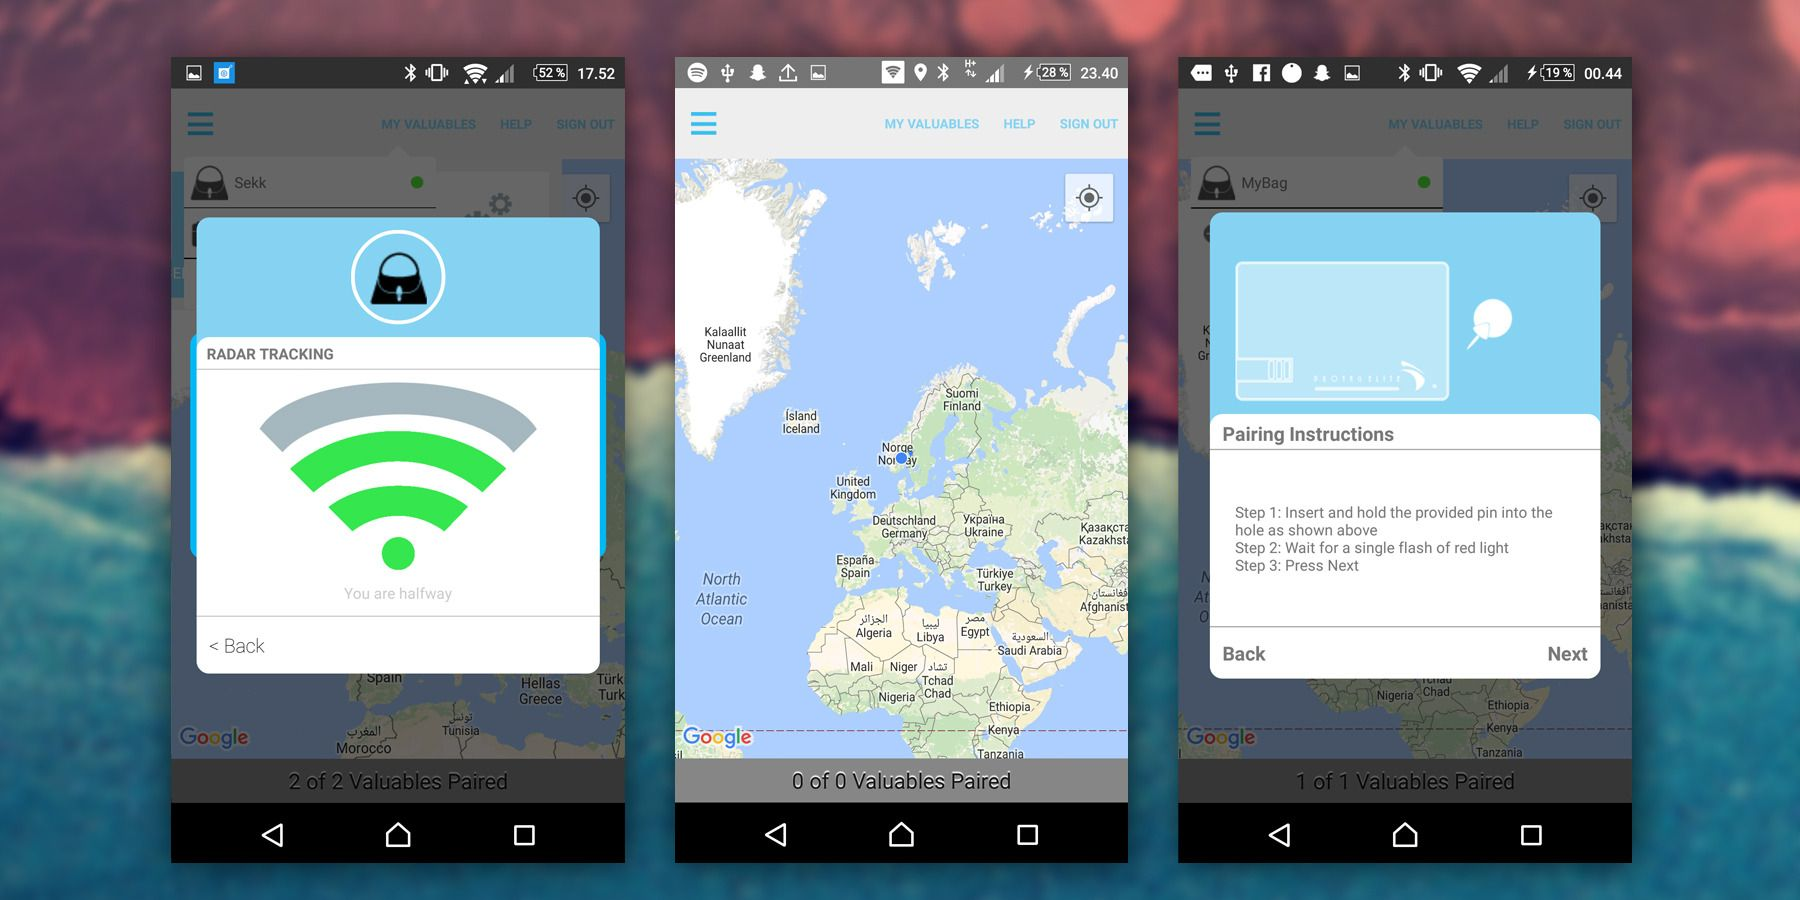 Slik ser radar-funksjonen (midten), hovedskjermen og instruksjonene for sammenkobling med Elite ut i Protag-appen.